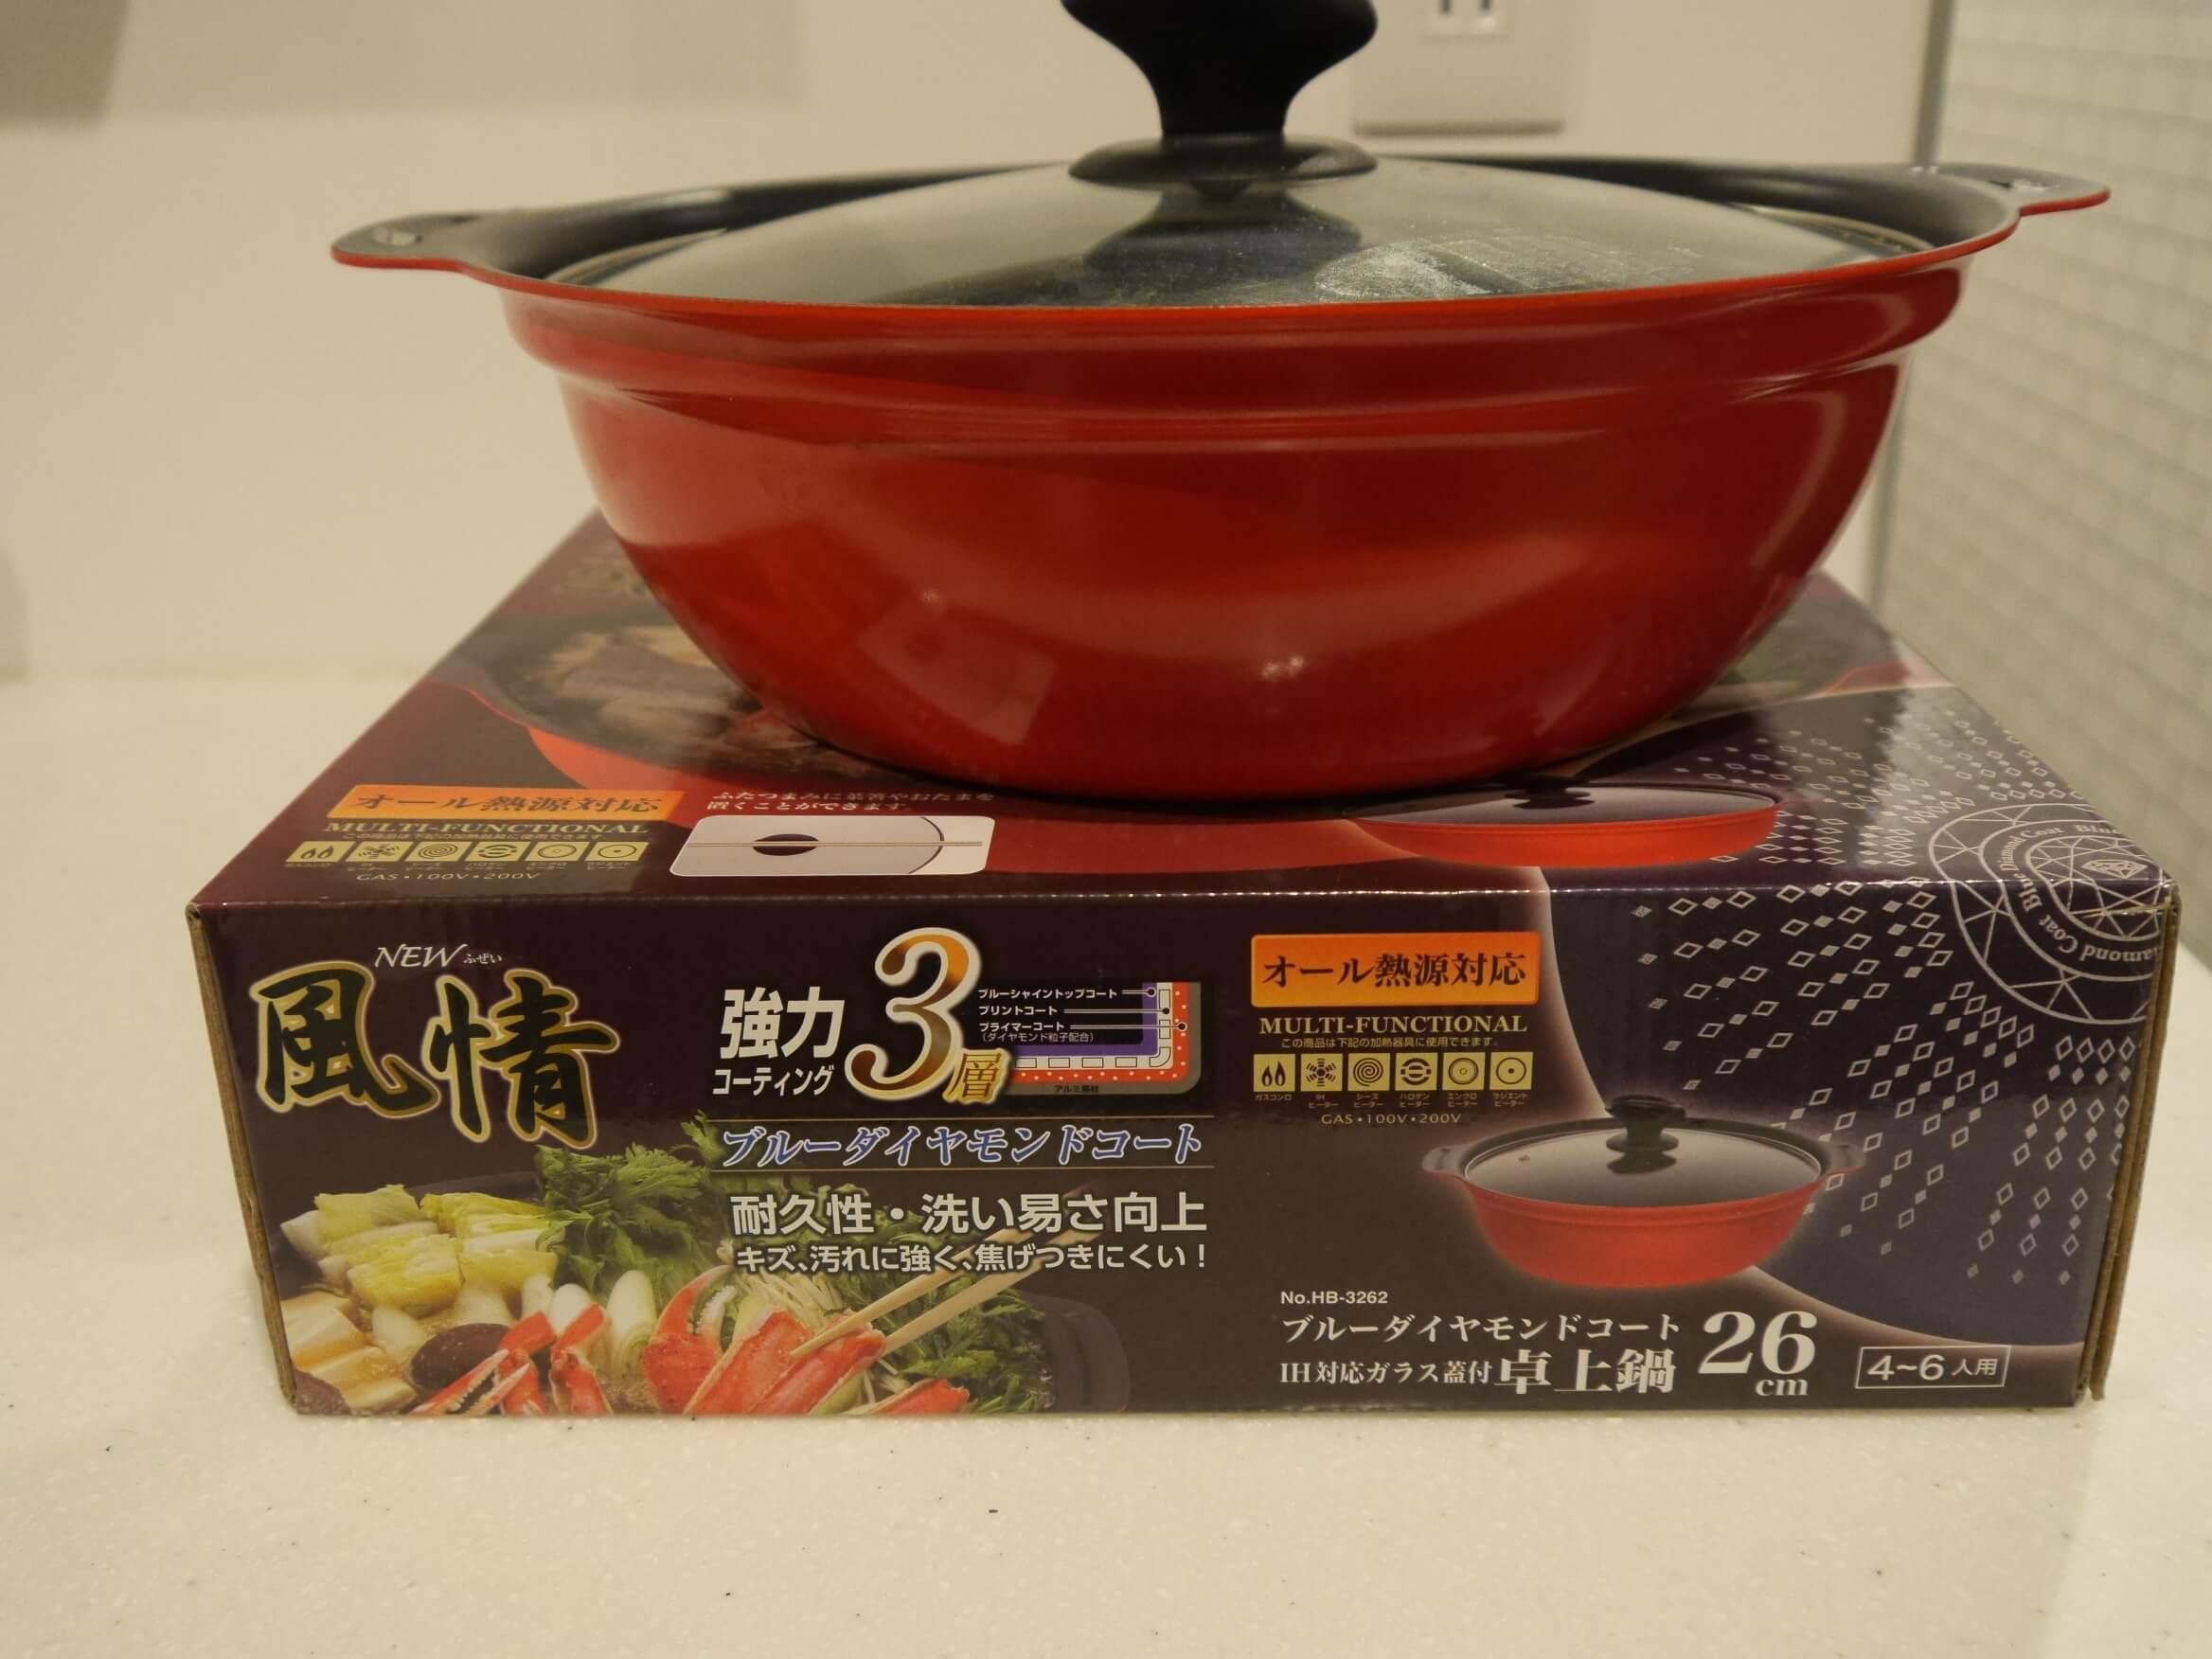 【商品レビュー】パール金属の両手鍋を購入した